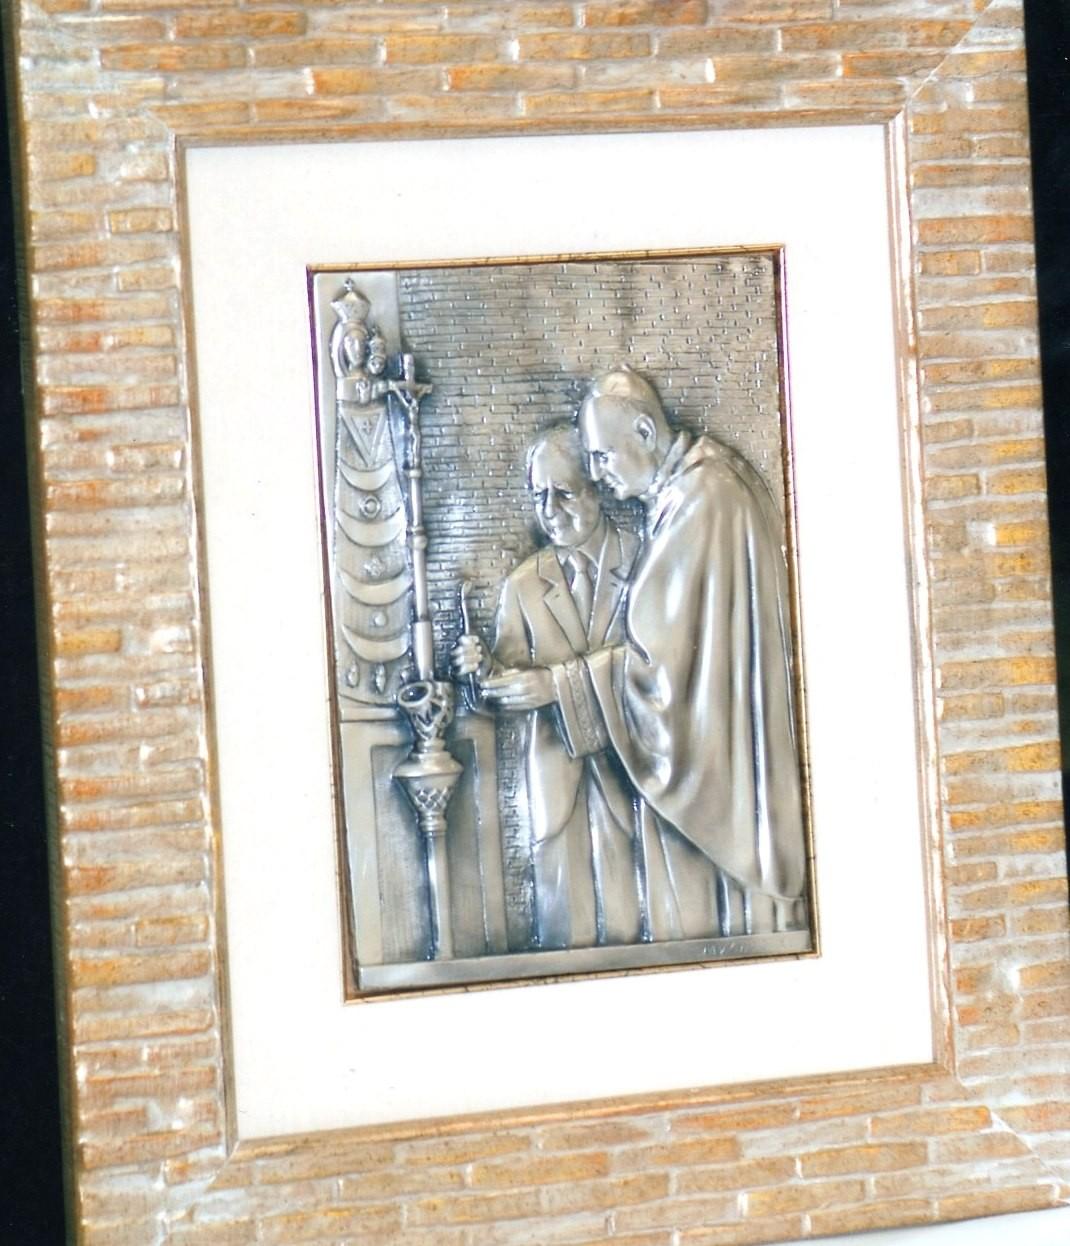 Il presidente Ciampi e mons. Comastri a Loreto, argento